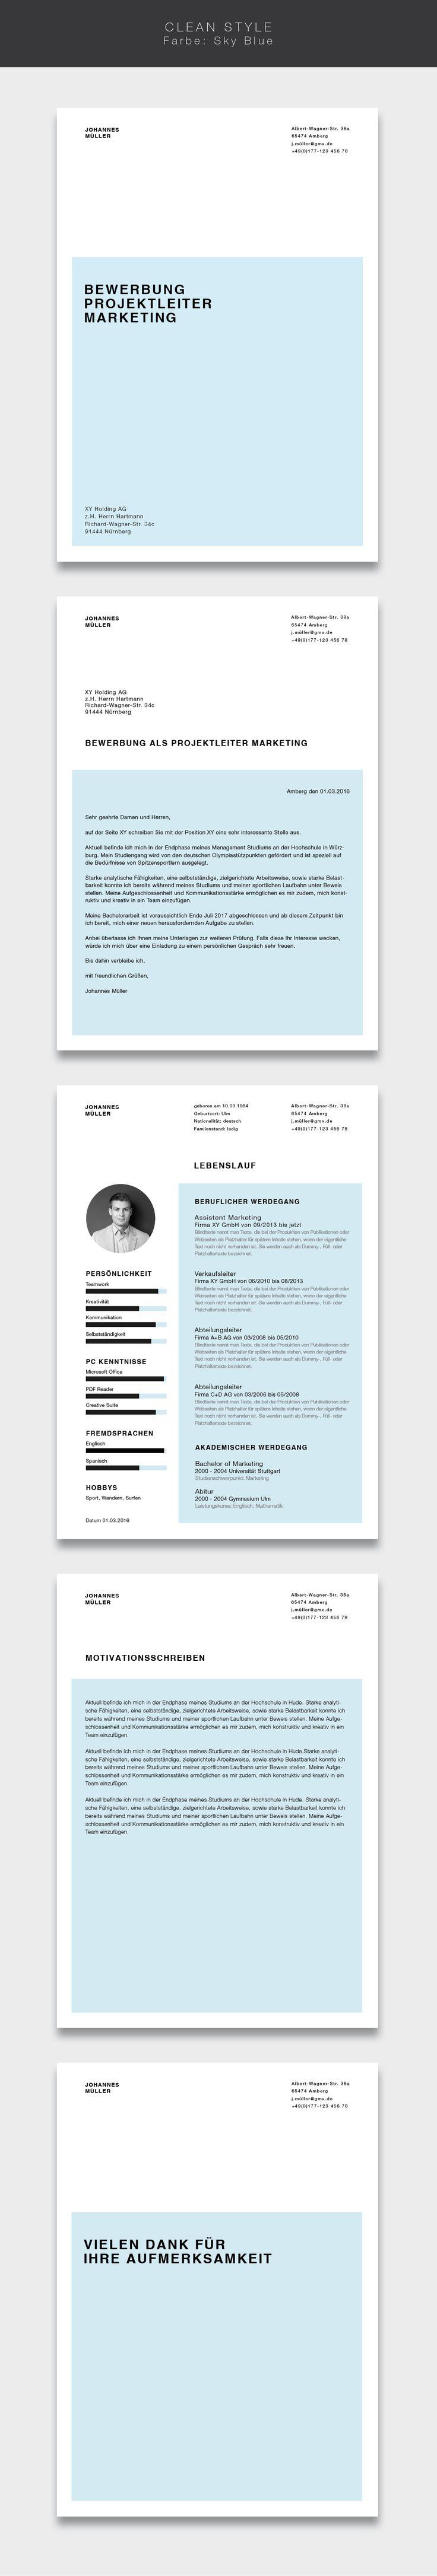 """Unsere Bewerbungsvorlage ( #cvtemplate ) """"Clean Style"""" in der Farbe Sky Blue. Less is more. Einfaches und übersichtliches Design kombiniert mit einem strukturierten Aufbau. Mit der Vorlage """"Clean Style"""" lassen Sie alle Mitbewerber verblassen. Sie erhalten von uns ein Deckblatt, Anschreiben, Lebenslauf, Motivationsschreiben und Abschlussseite. Die Datei bekommen Sie als fertige Pages- oder Word-Datei inklusive Platzhaltertext mit Hinweisen. #grafikdesign #fashion"""